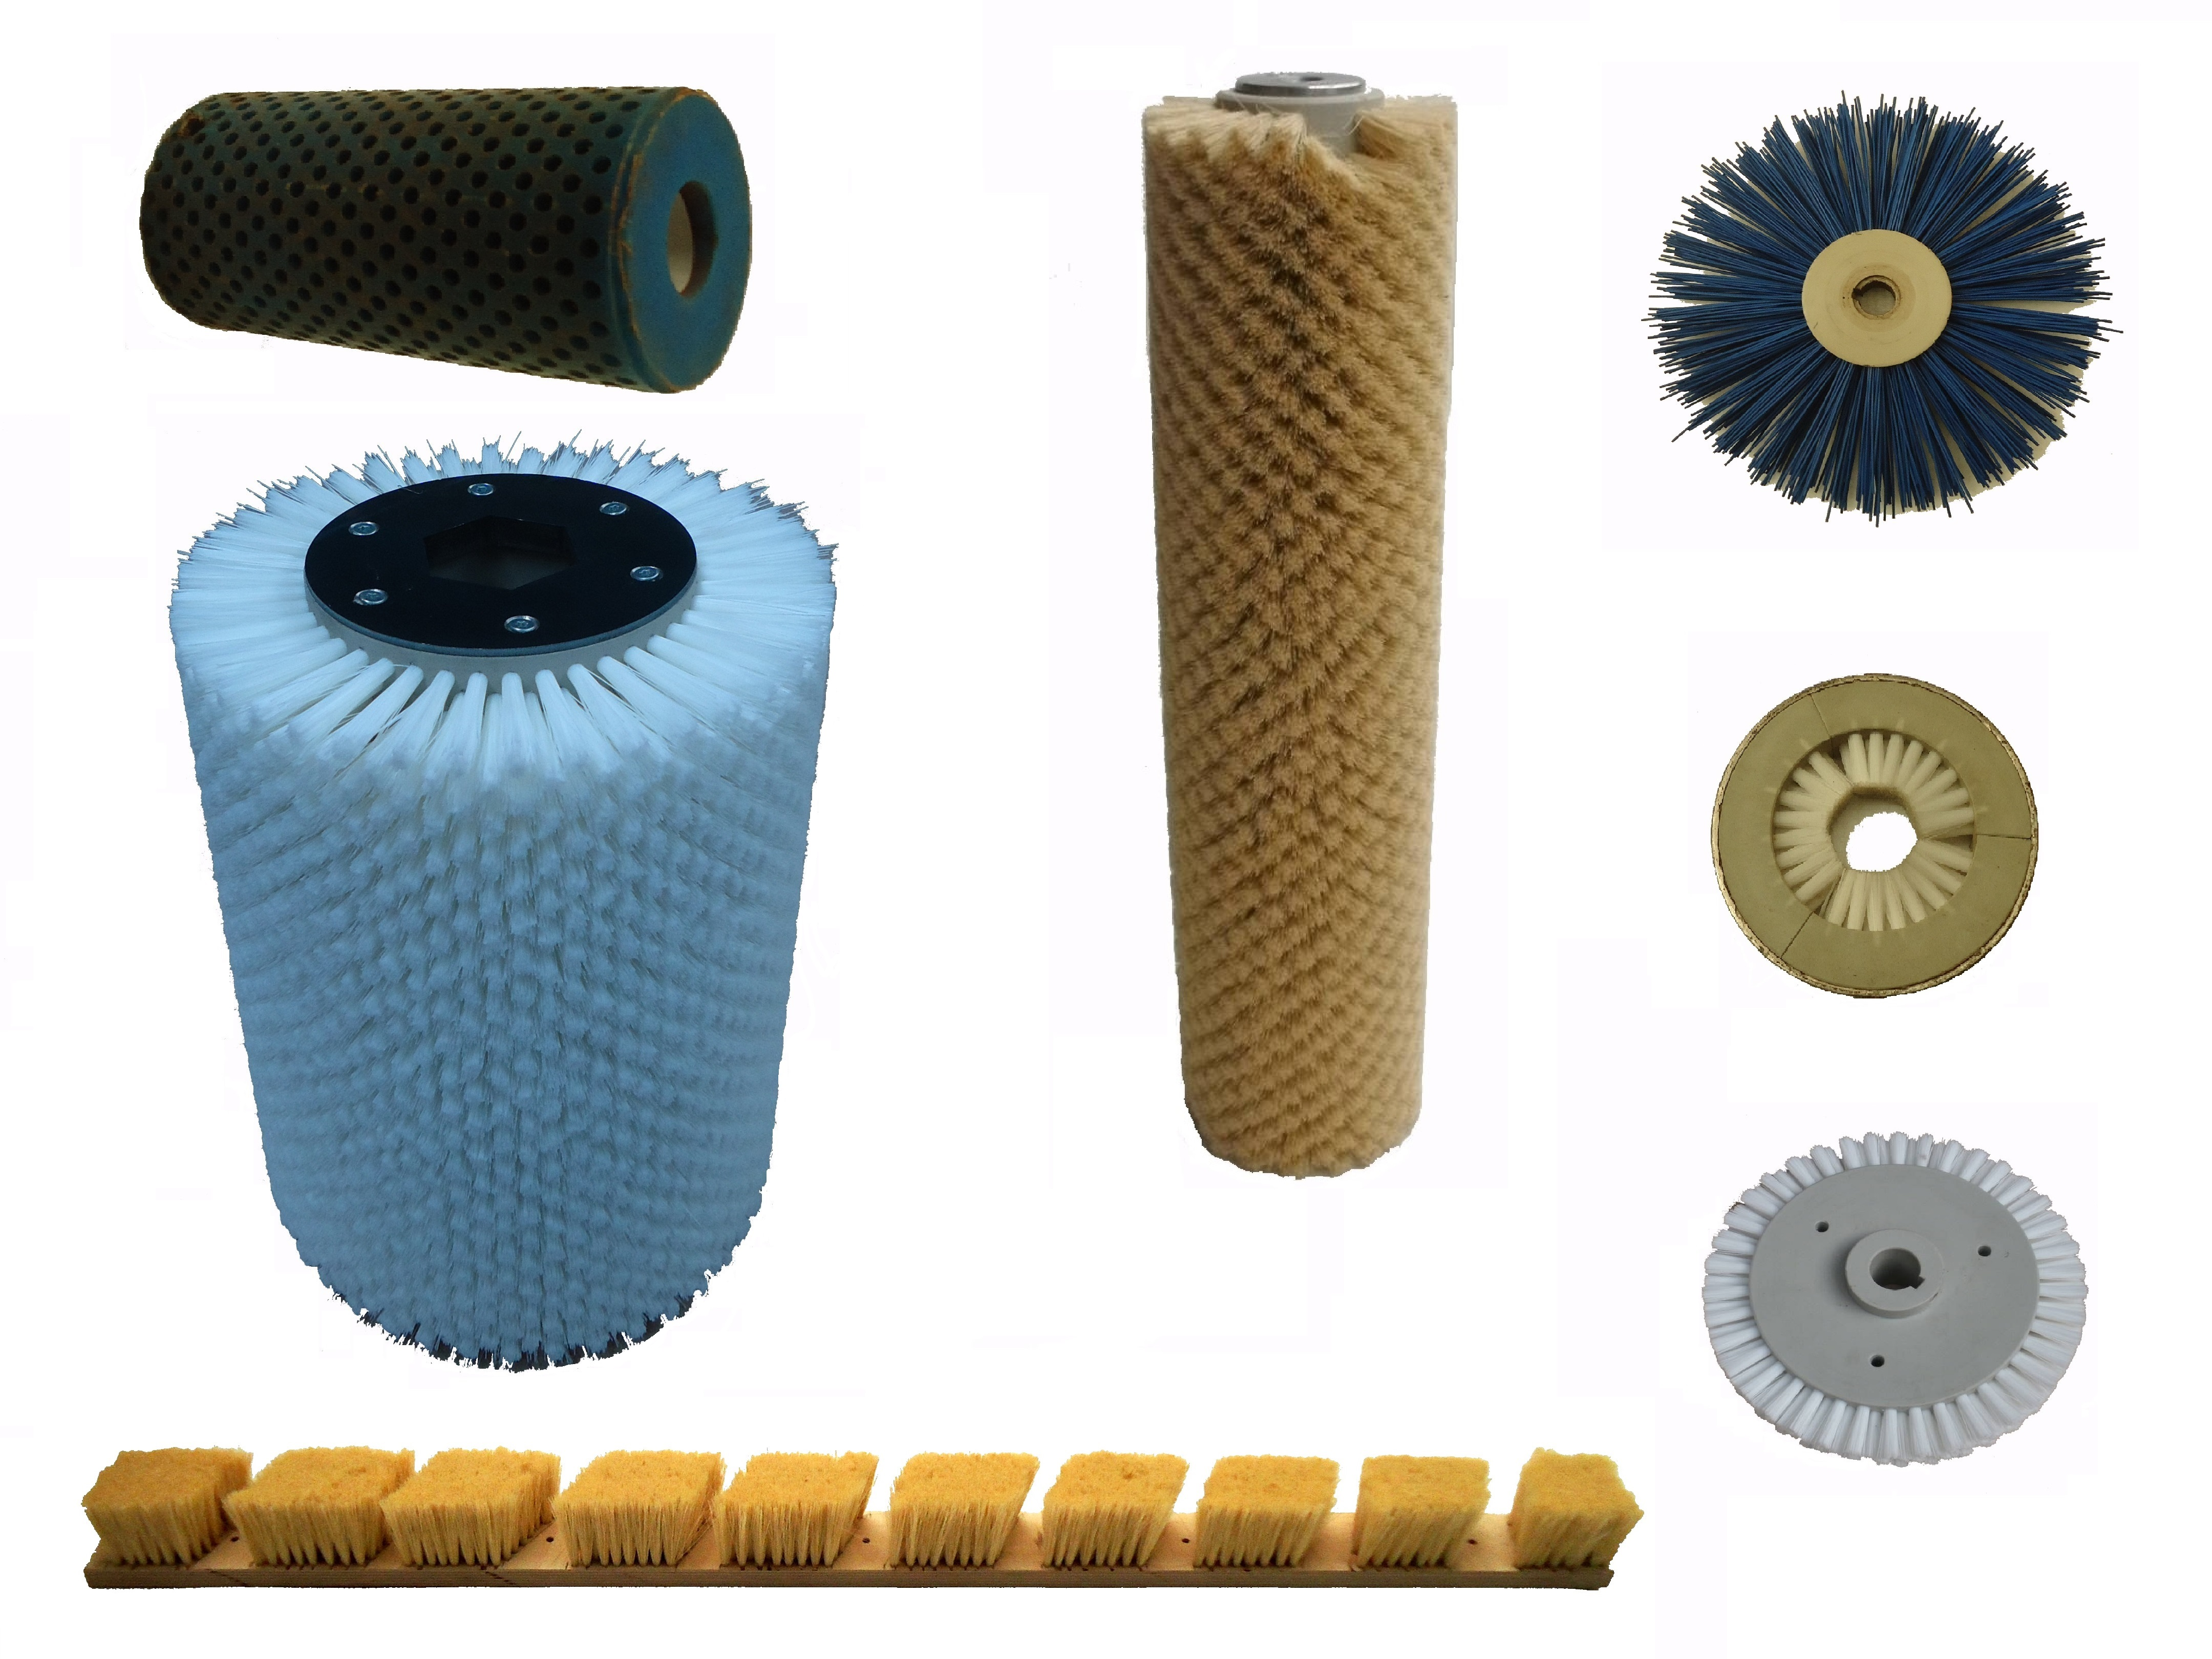 Brosses techniques et industrielles